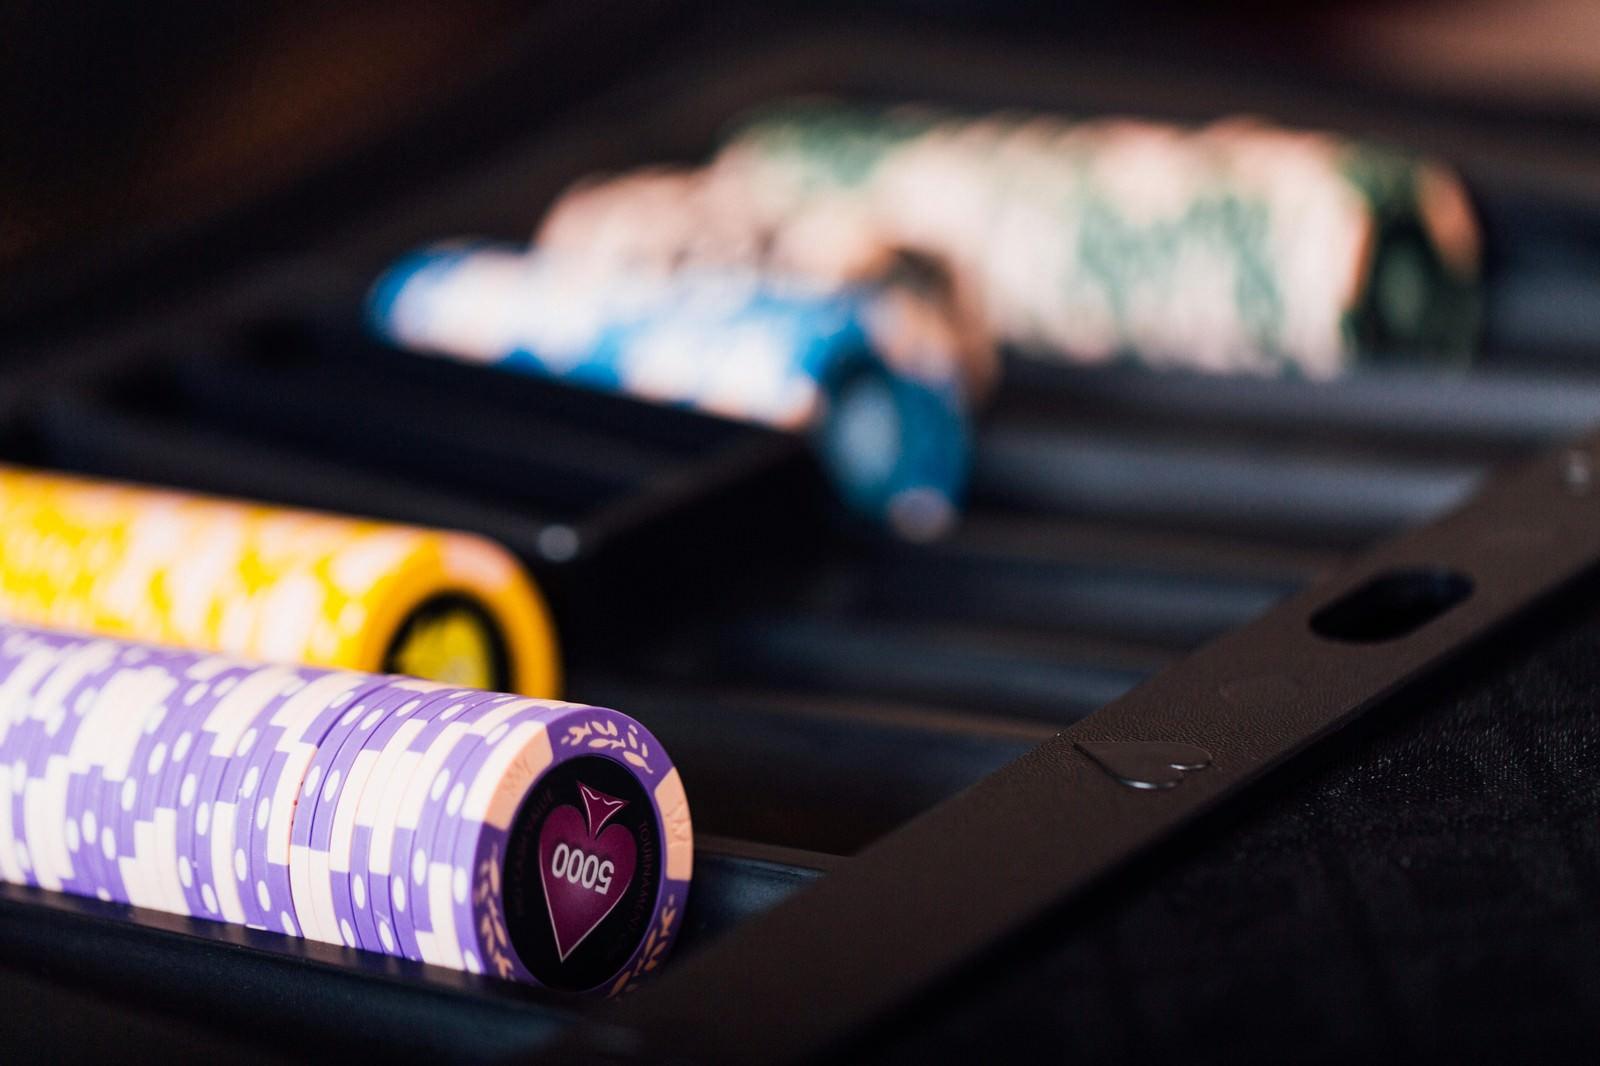 「カジノディーラーのチップカジノディーラーのチップ」のフリー写真素材を拡大